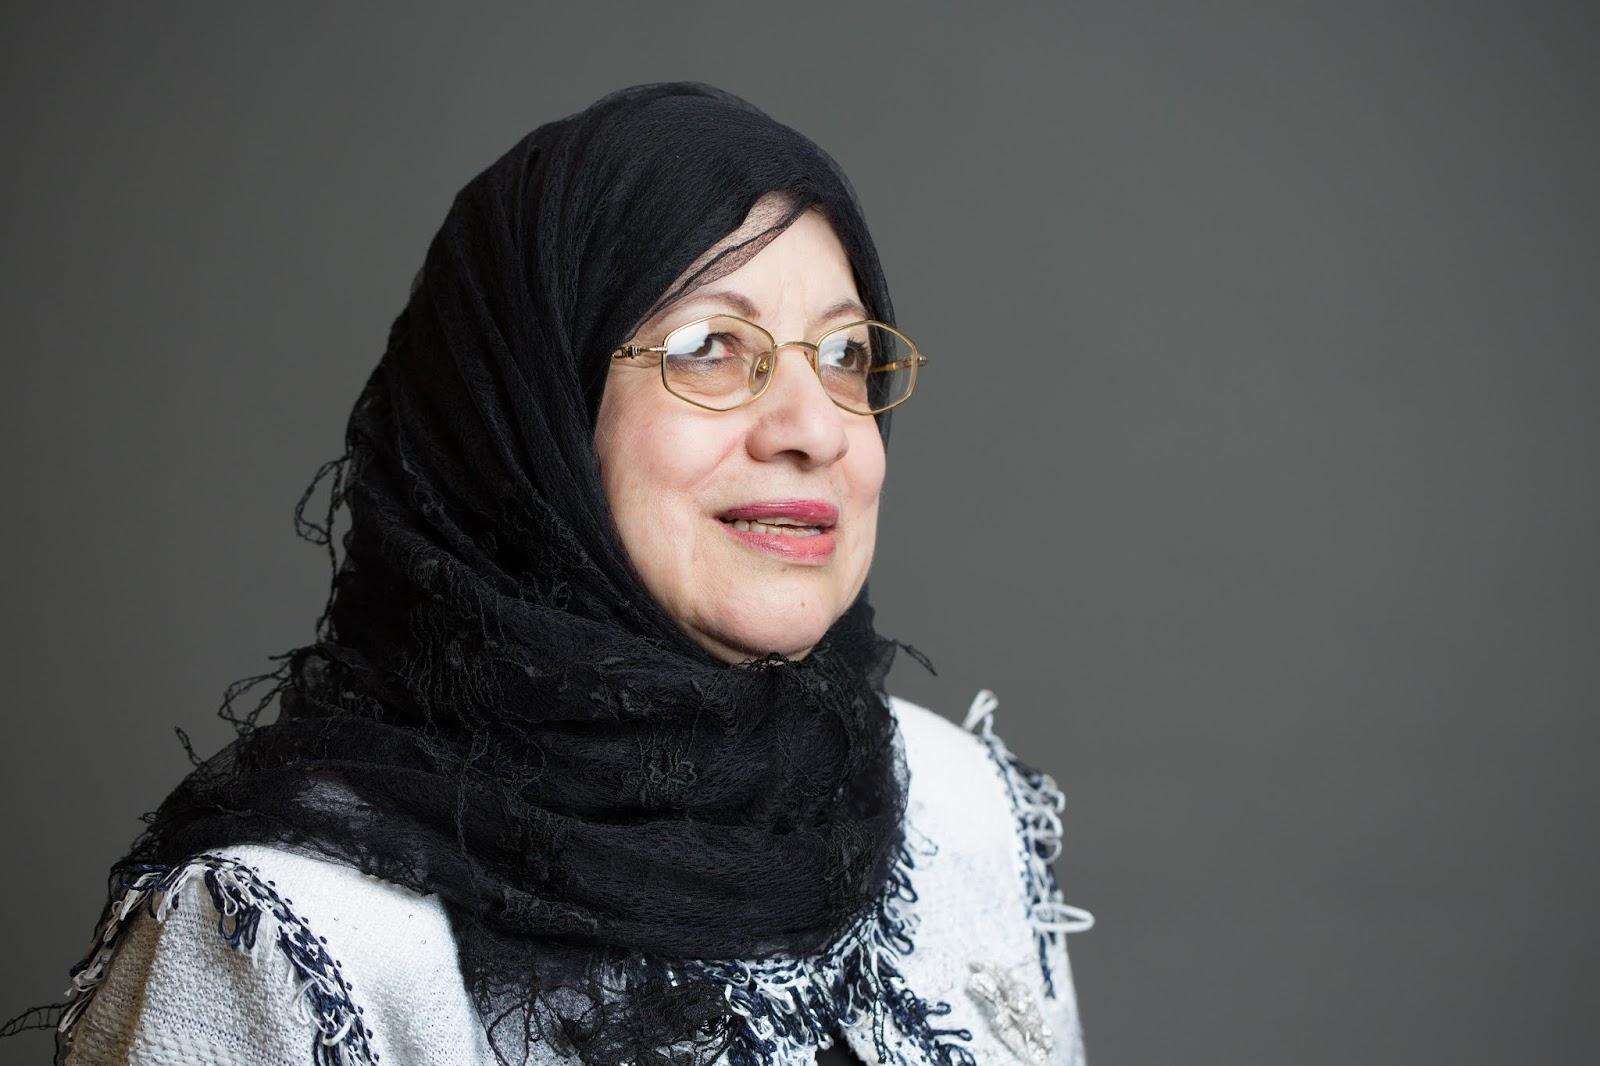 تكريم الإسلام للمرأة وخطورة الاختلاط في مناهجنا الدراسية(1)